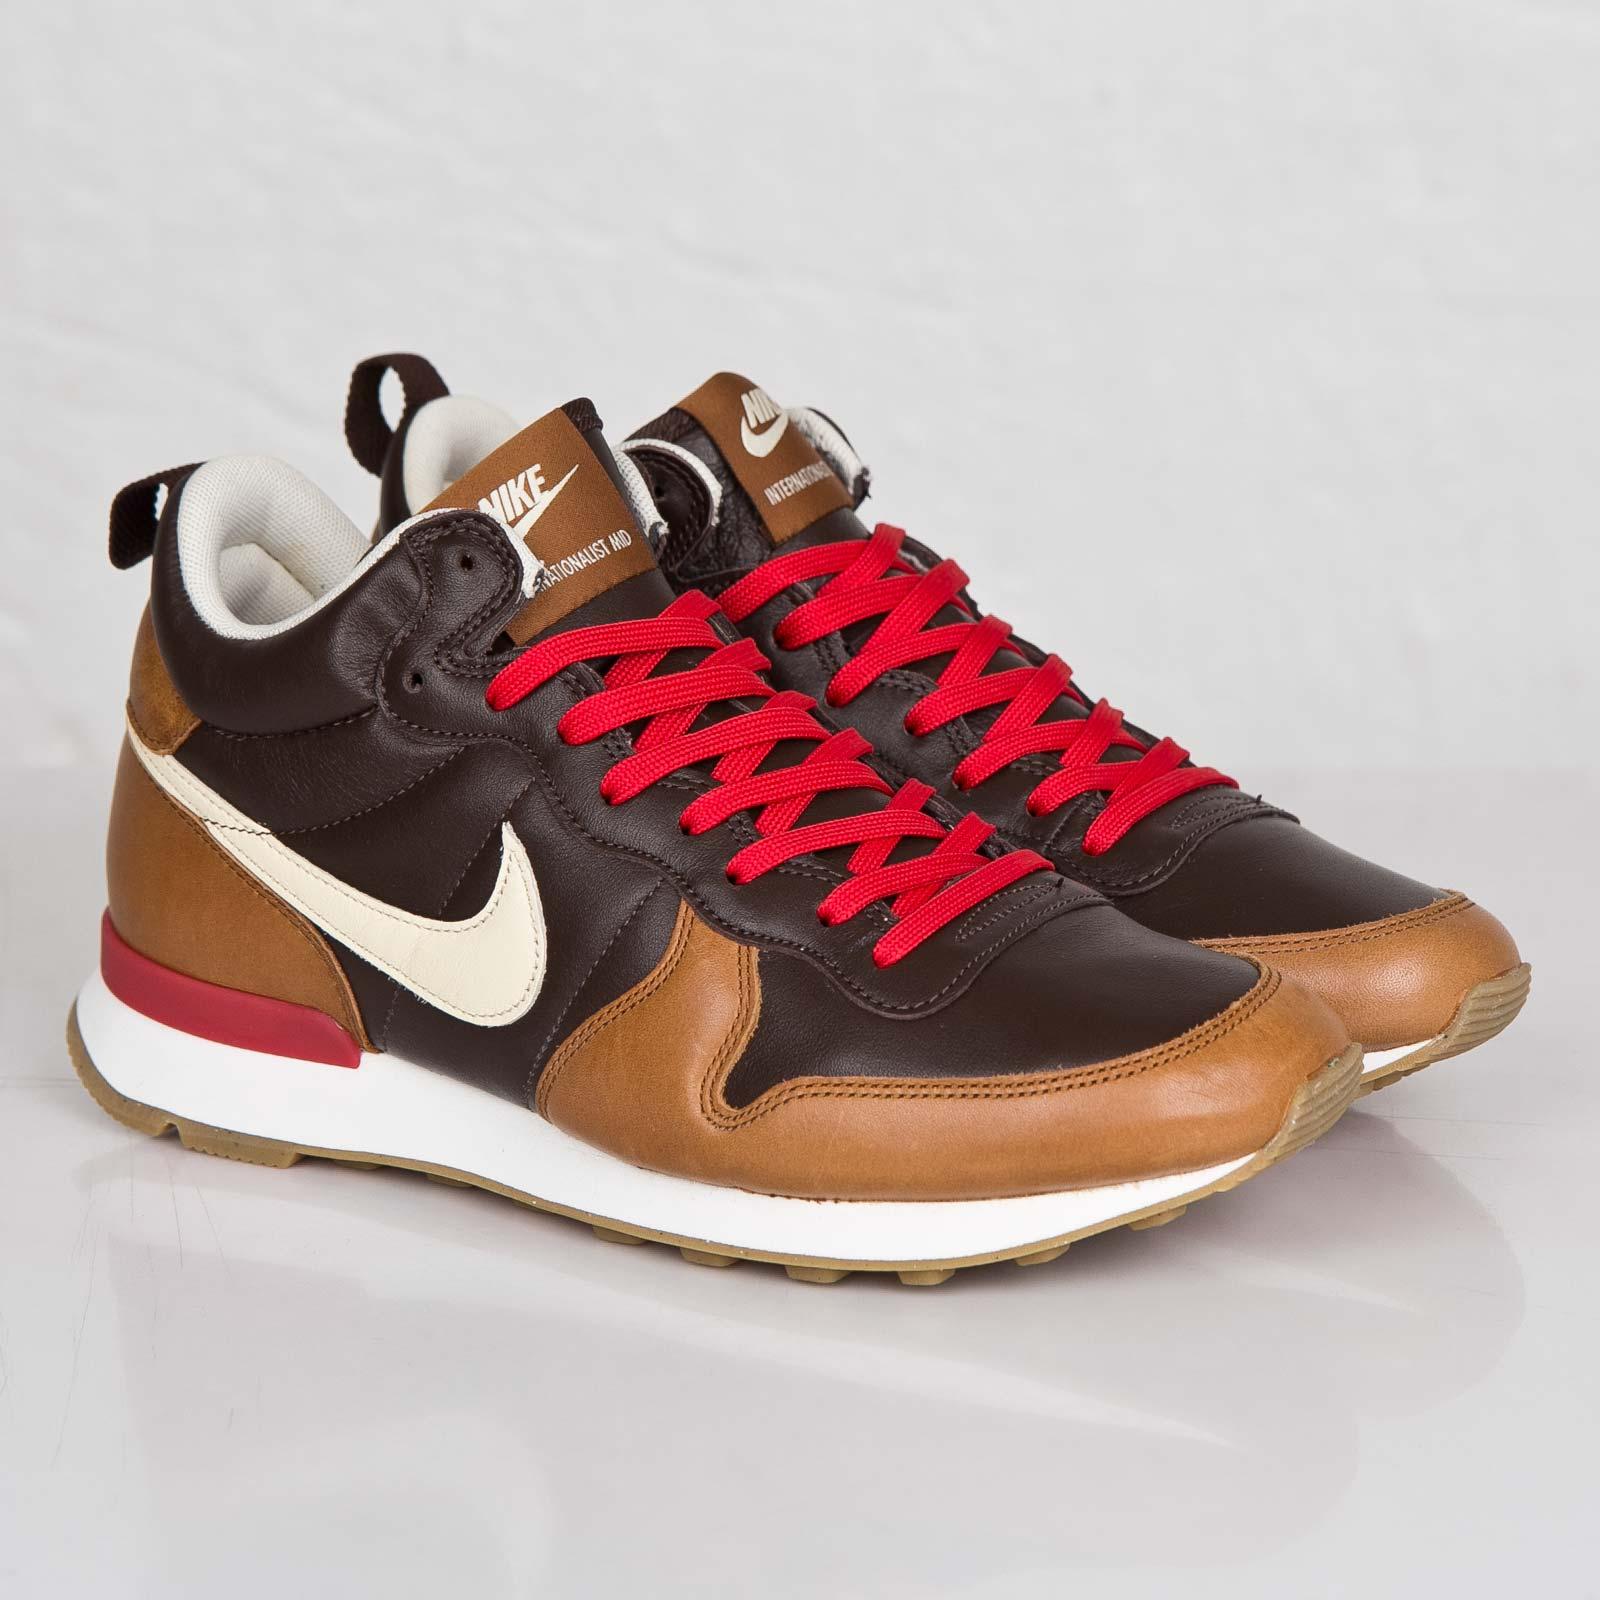 new concept 6c0e5 4f8e1 Nike Internationalist Mid Escape QS